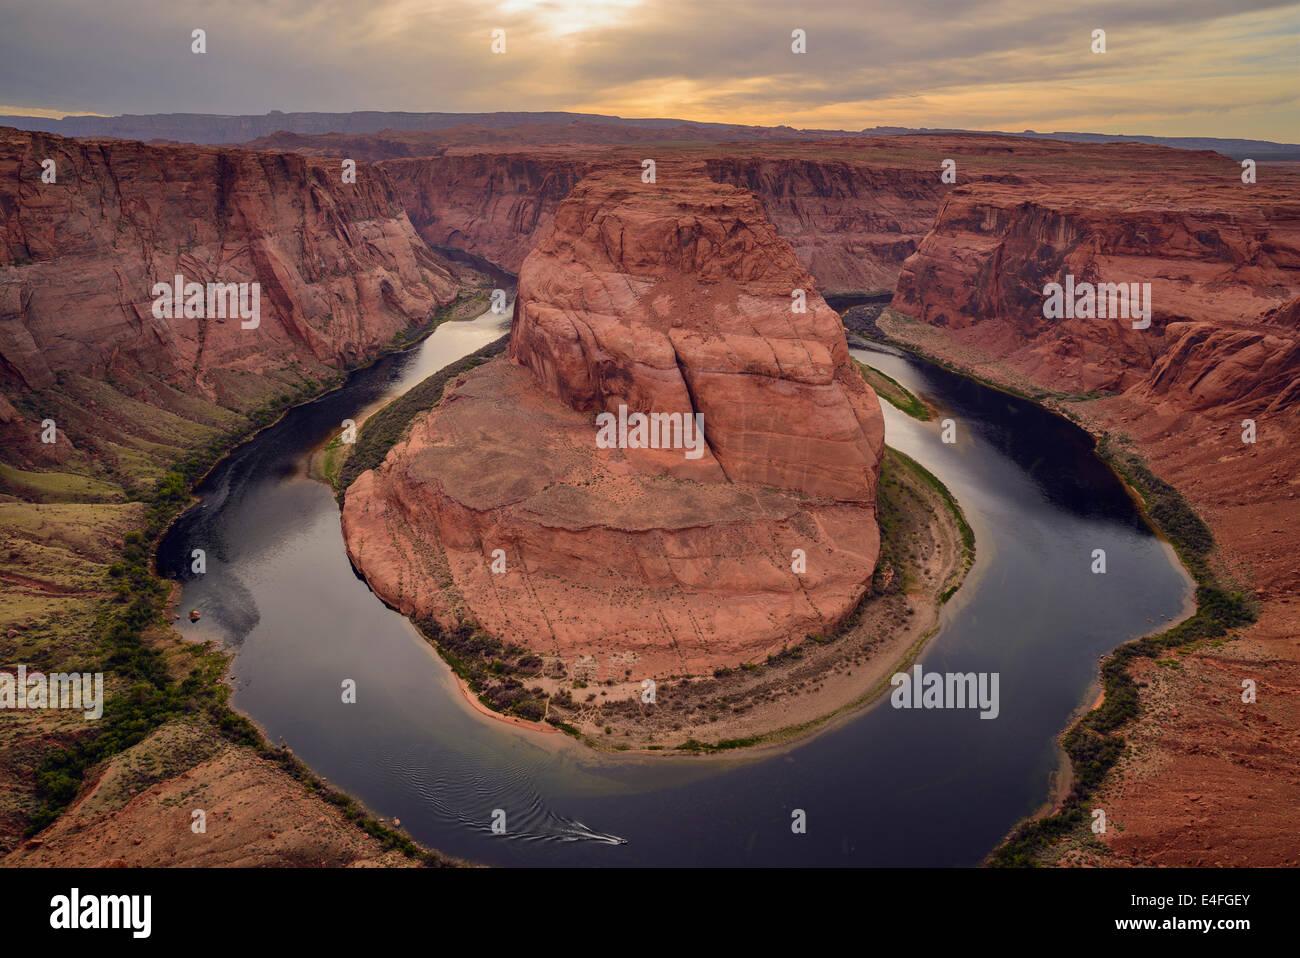 Horseshoe Bend, Río Colorado, cerca de Page, Arizona, EE.UU. Imagen De Stock